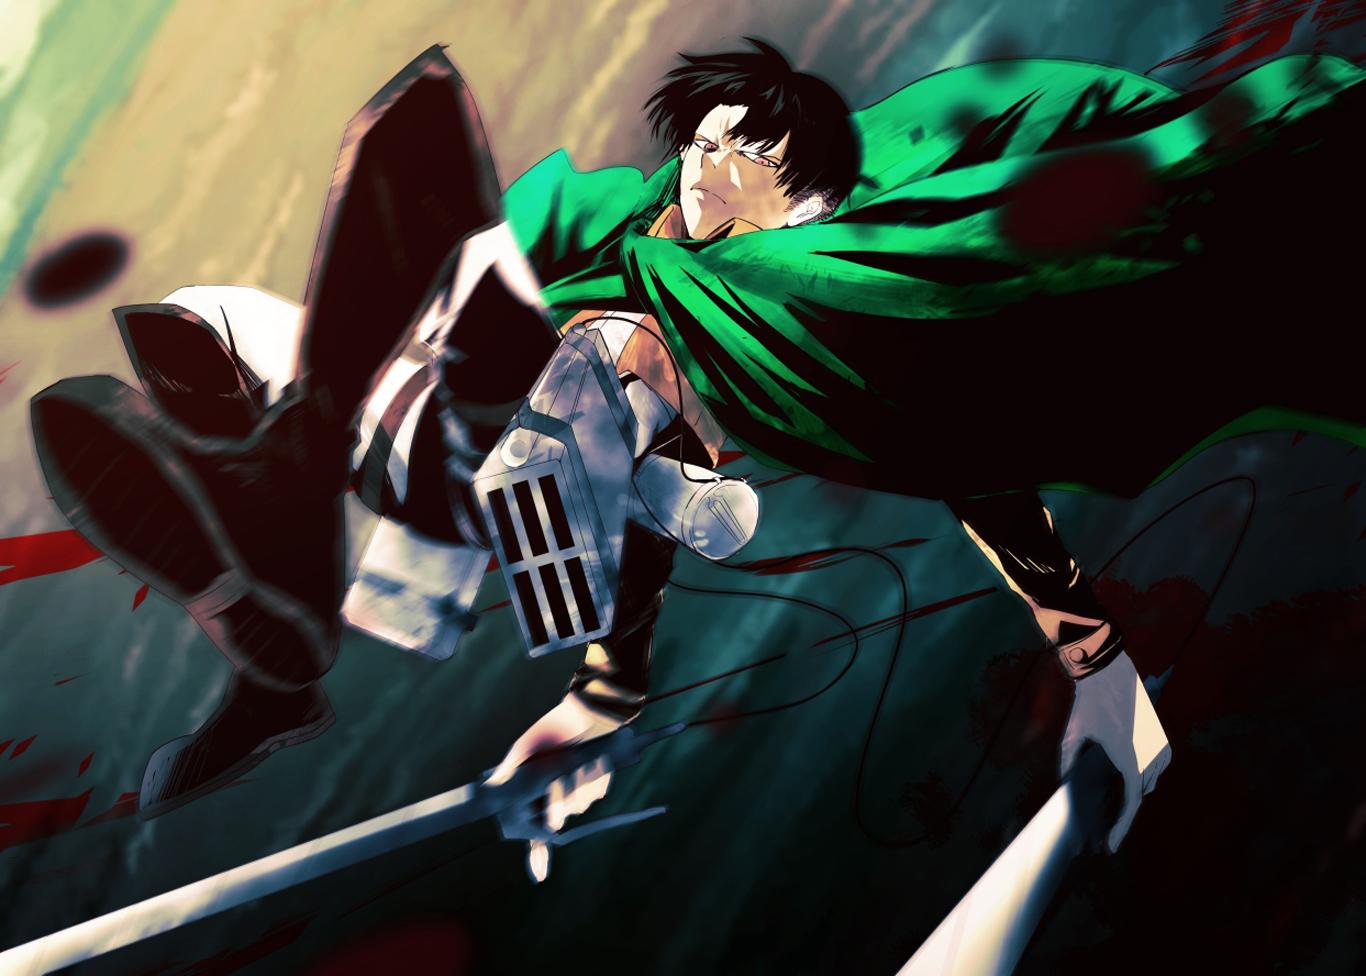 Levi 3d Maneuver Gear Shingeki No Kyojin A106 Hd Wallpaper